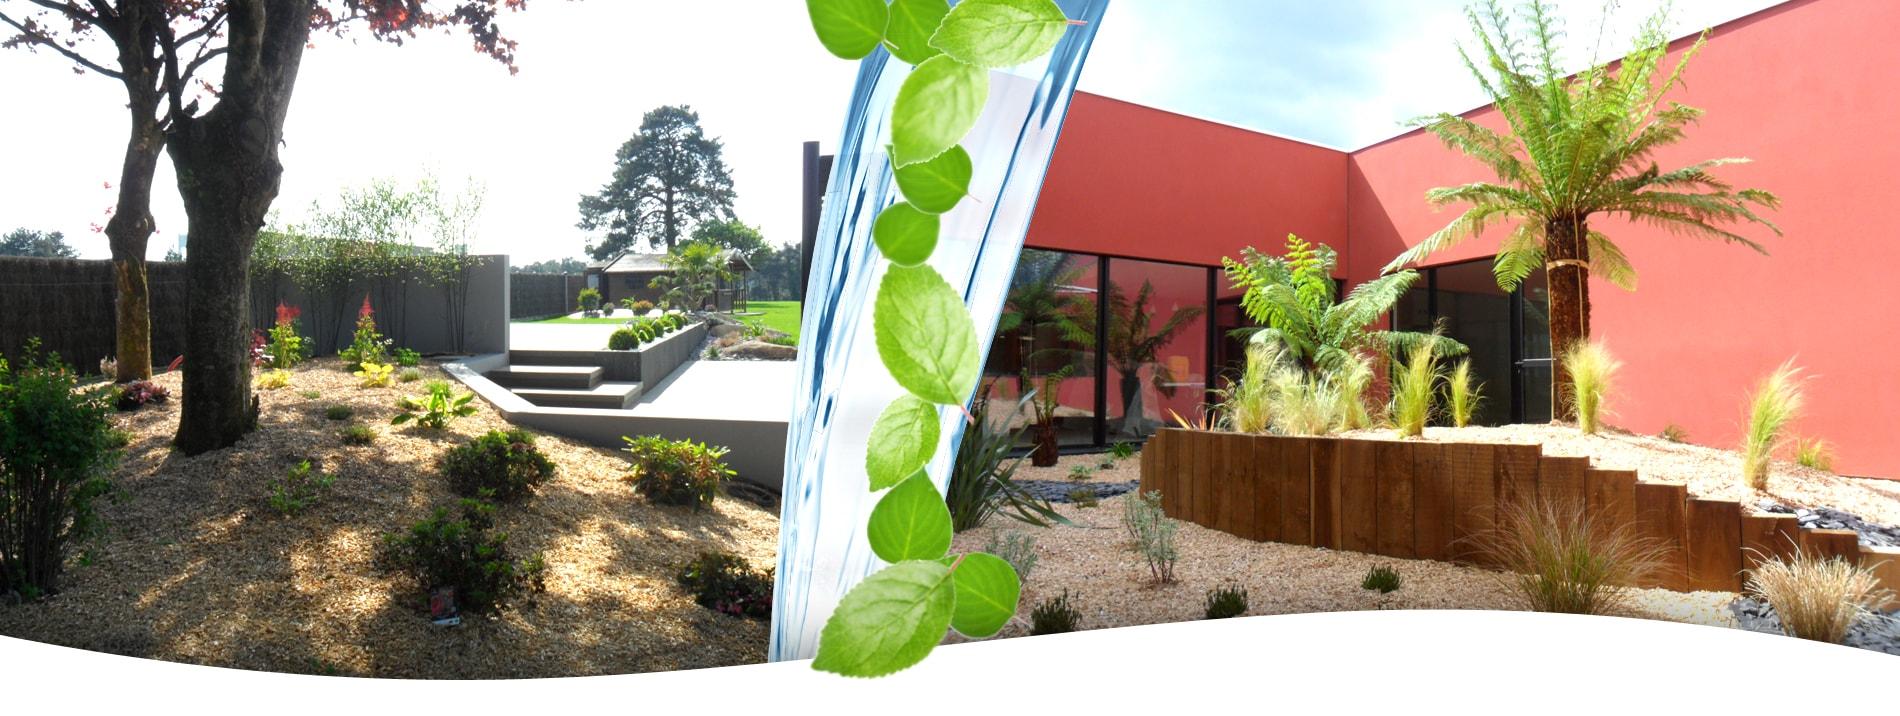 Jardins Et Clotures D Armor paysagiste et aménagement de jardin à pontivy (morbihan 56